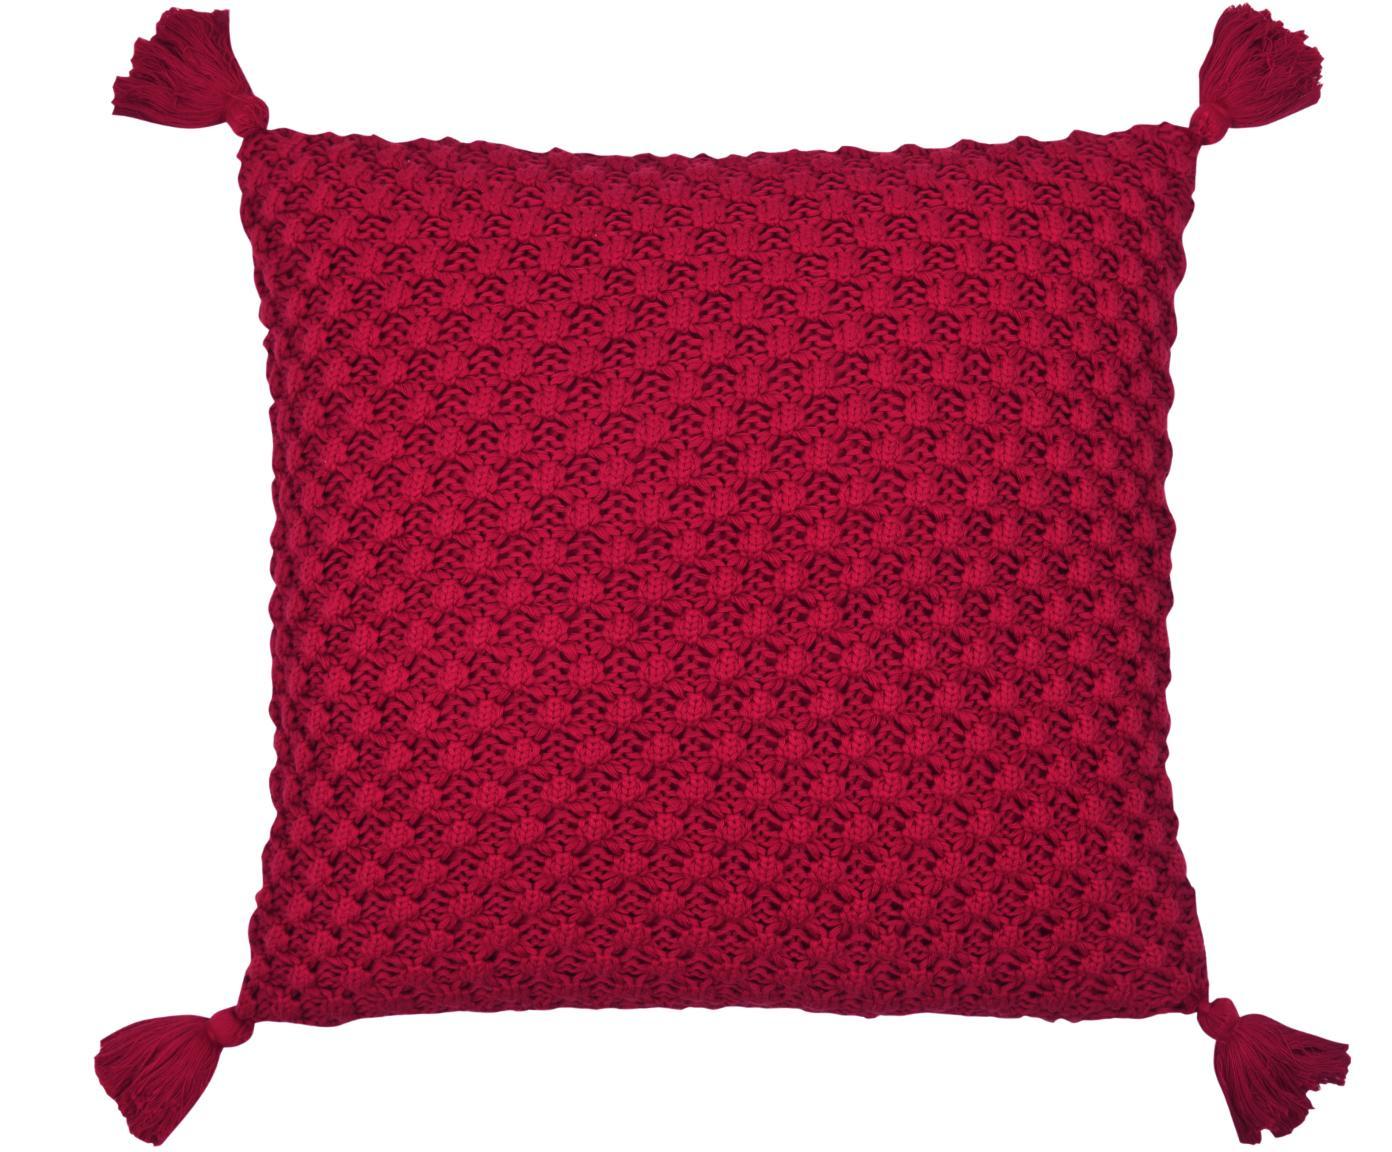 Strick-Kissenhülle Astrid mit Quasten in Rot, Baumwolle, Rot, 50 x 50 cm